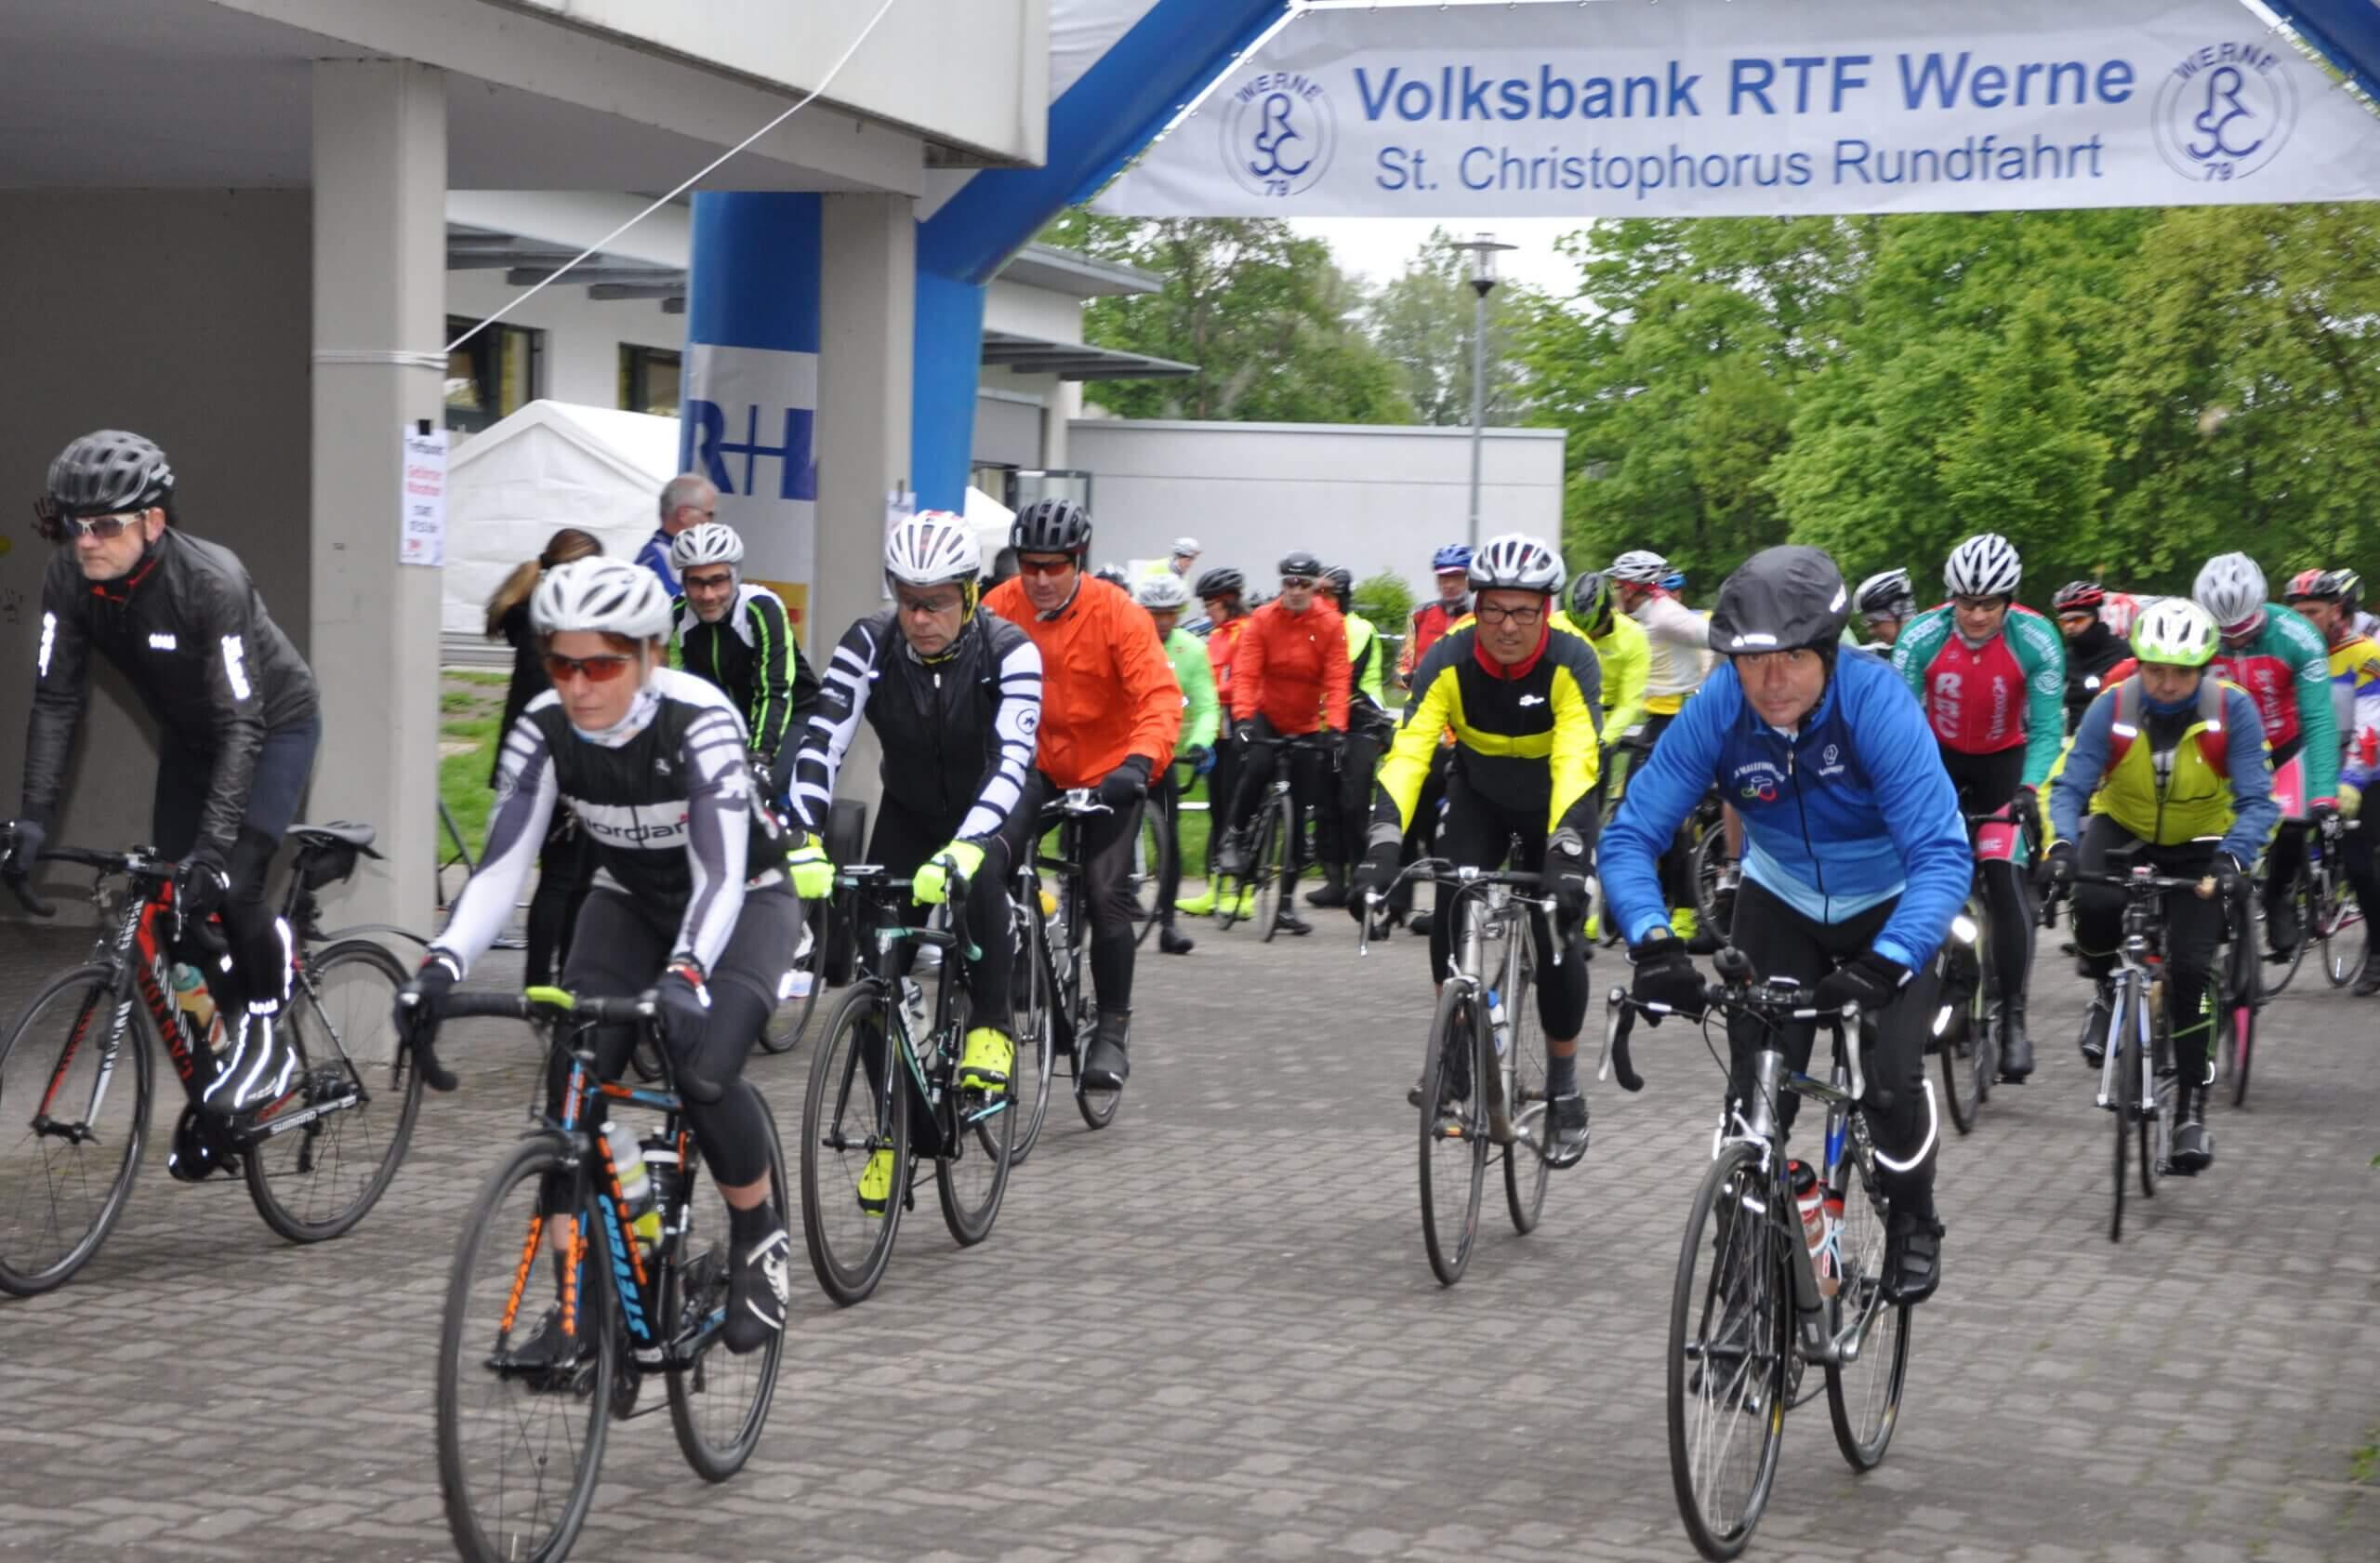 Der RSC Werne hat seine für Juni geplante Radtouristik abgesagt. Foto: RSC Werne